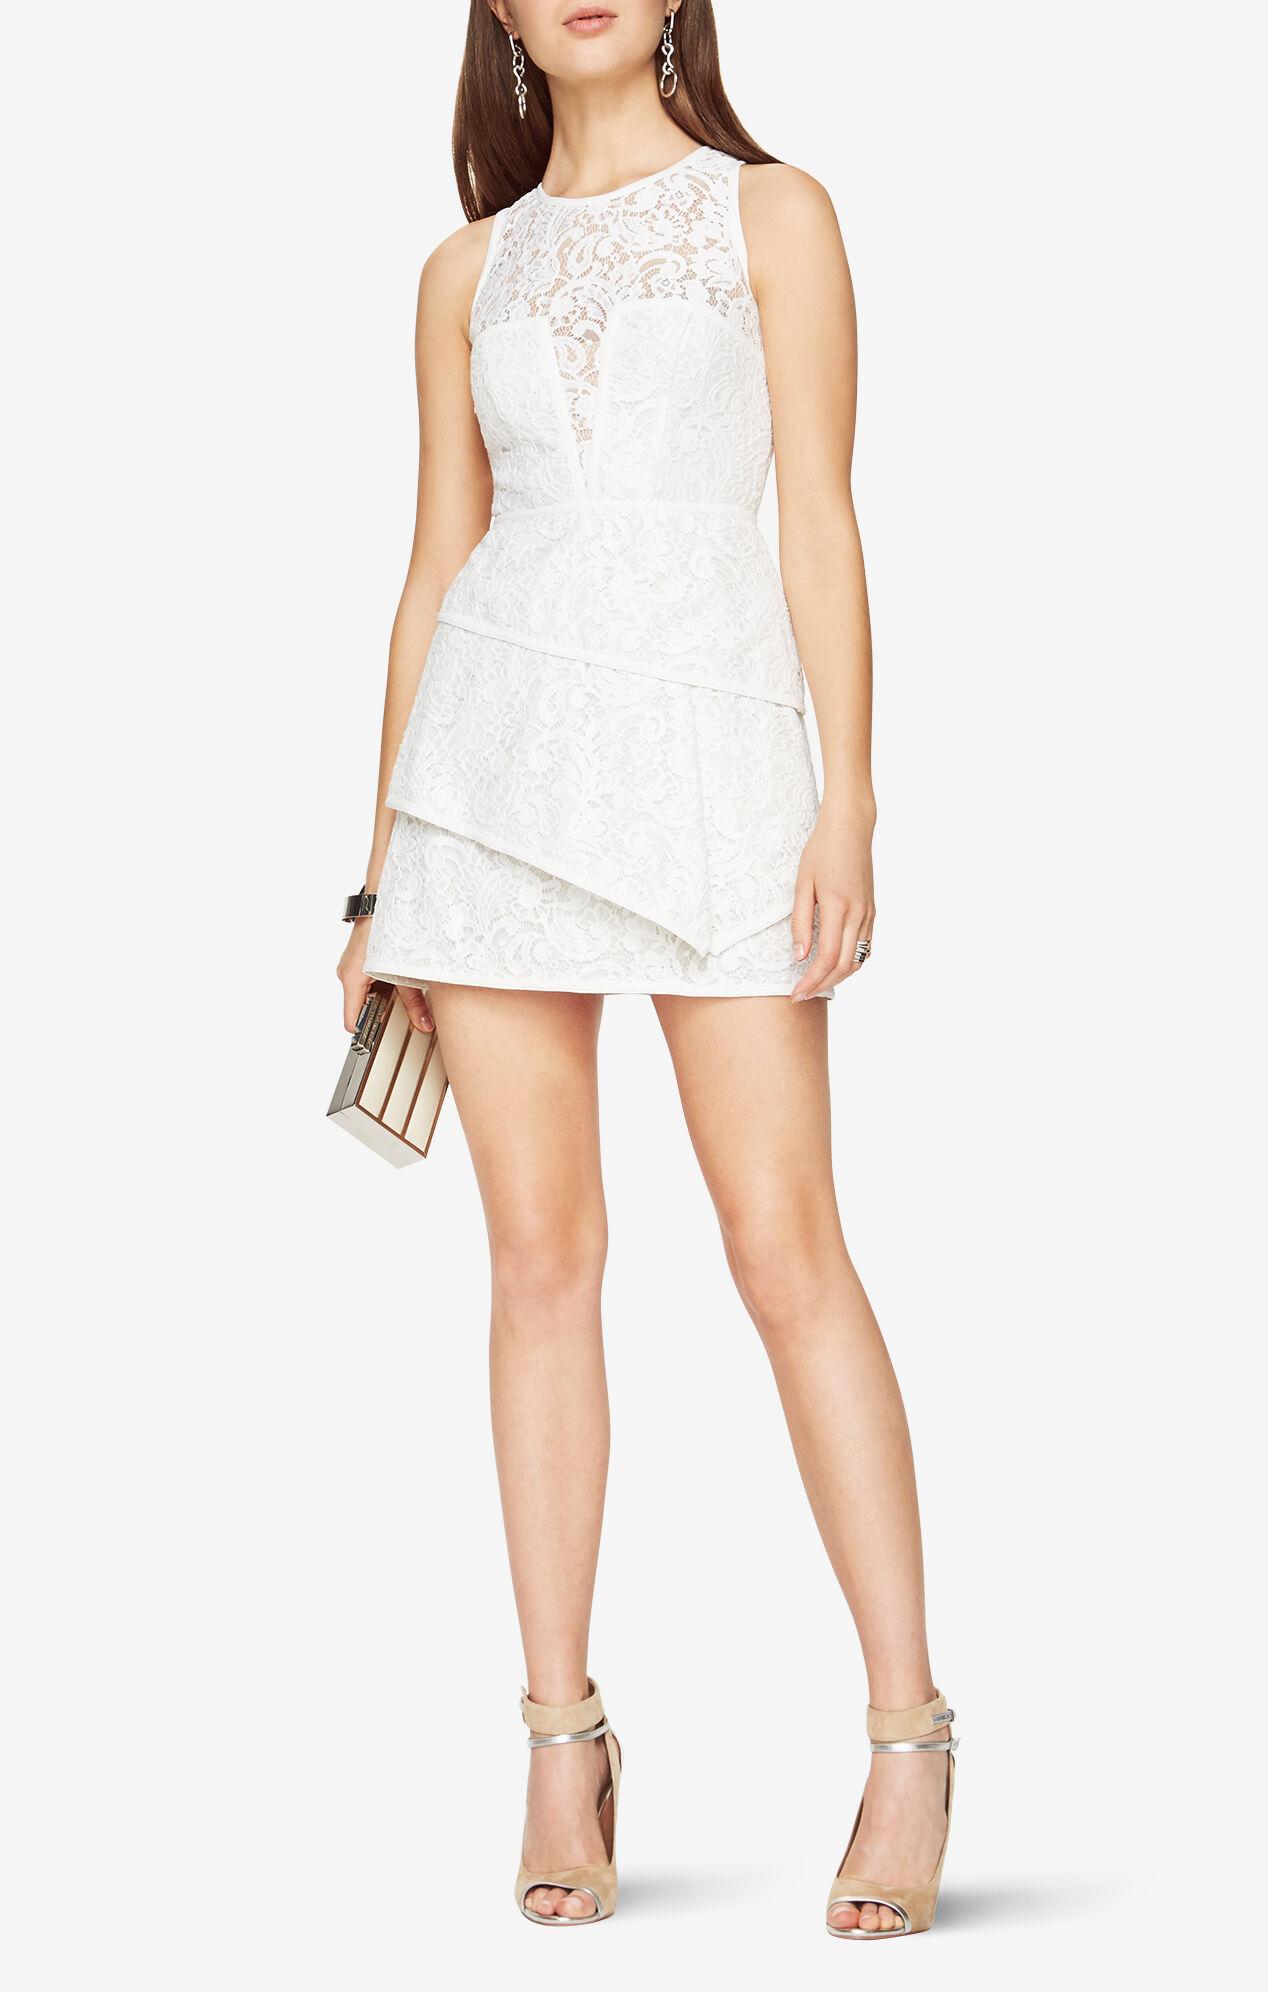 White dress cocktail - Daegan Lace Dress